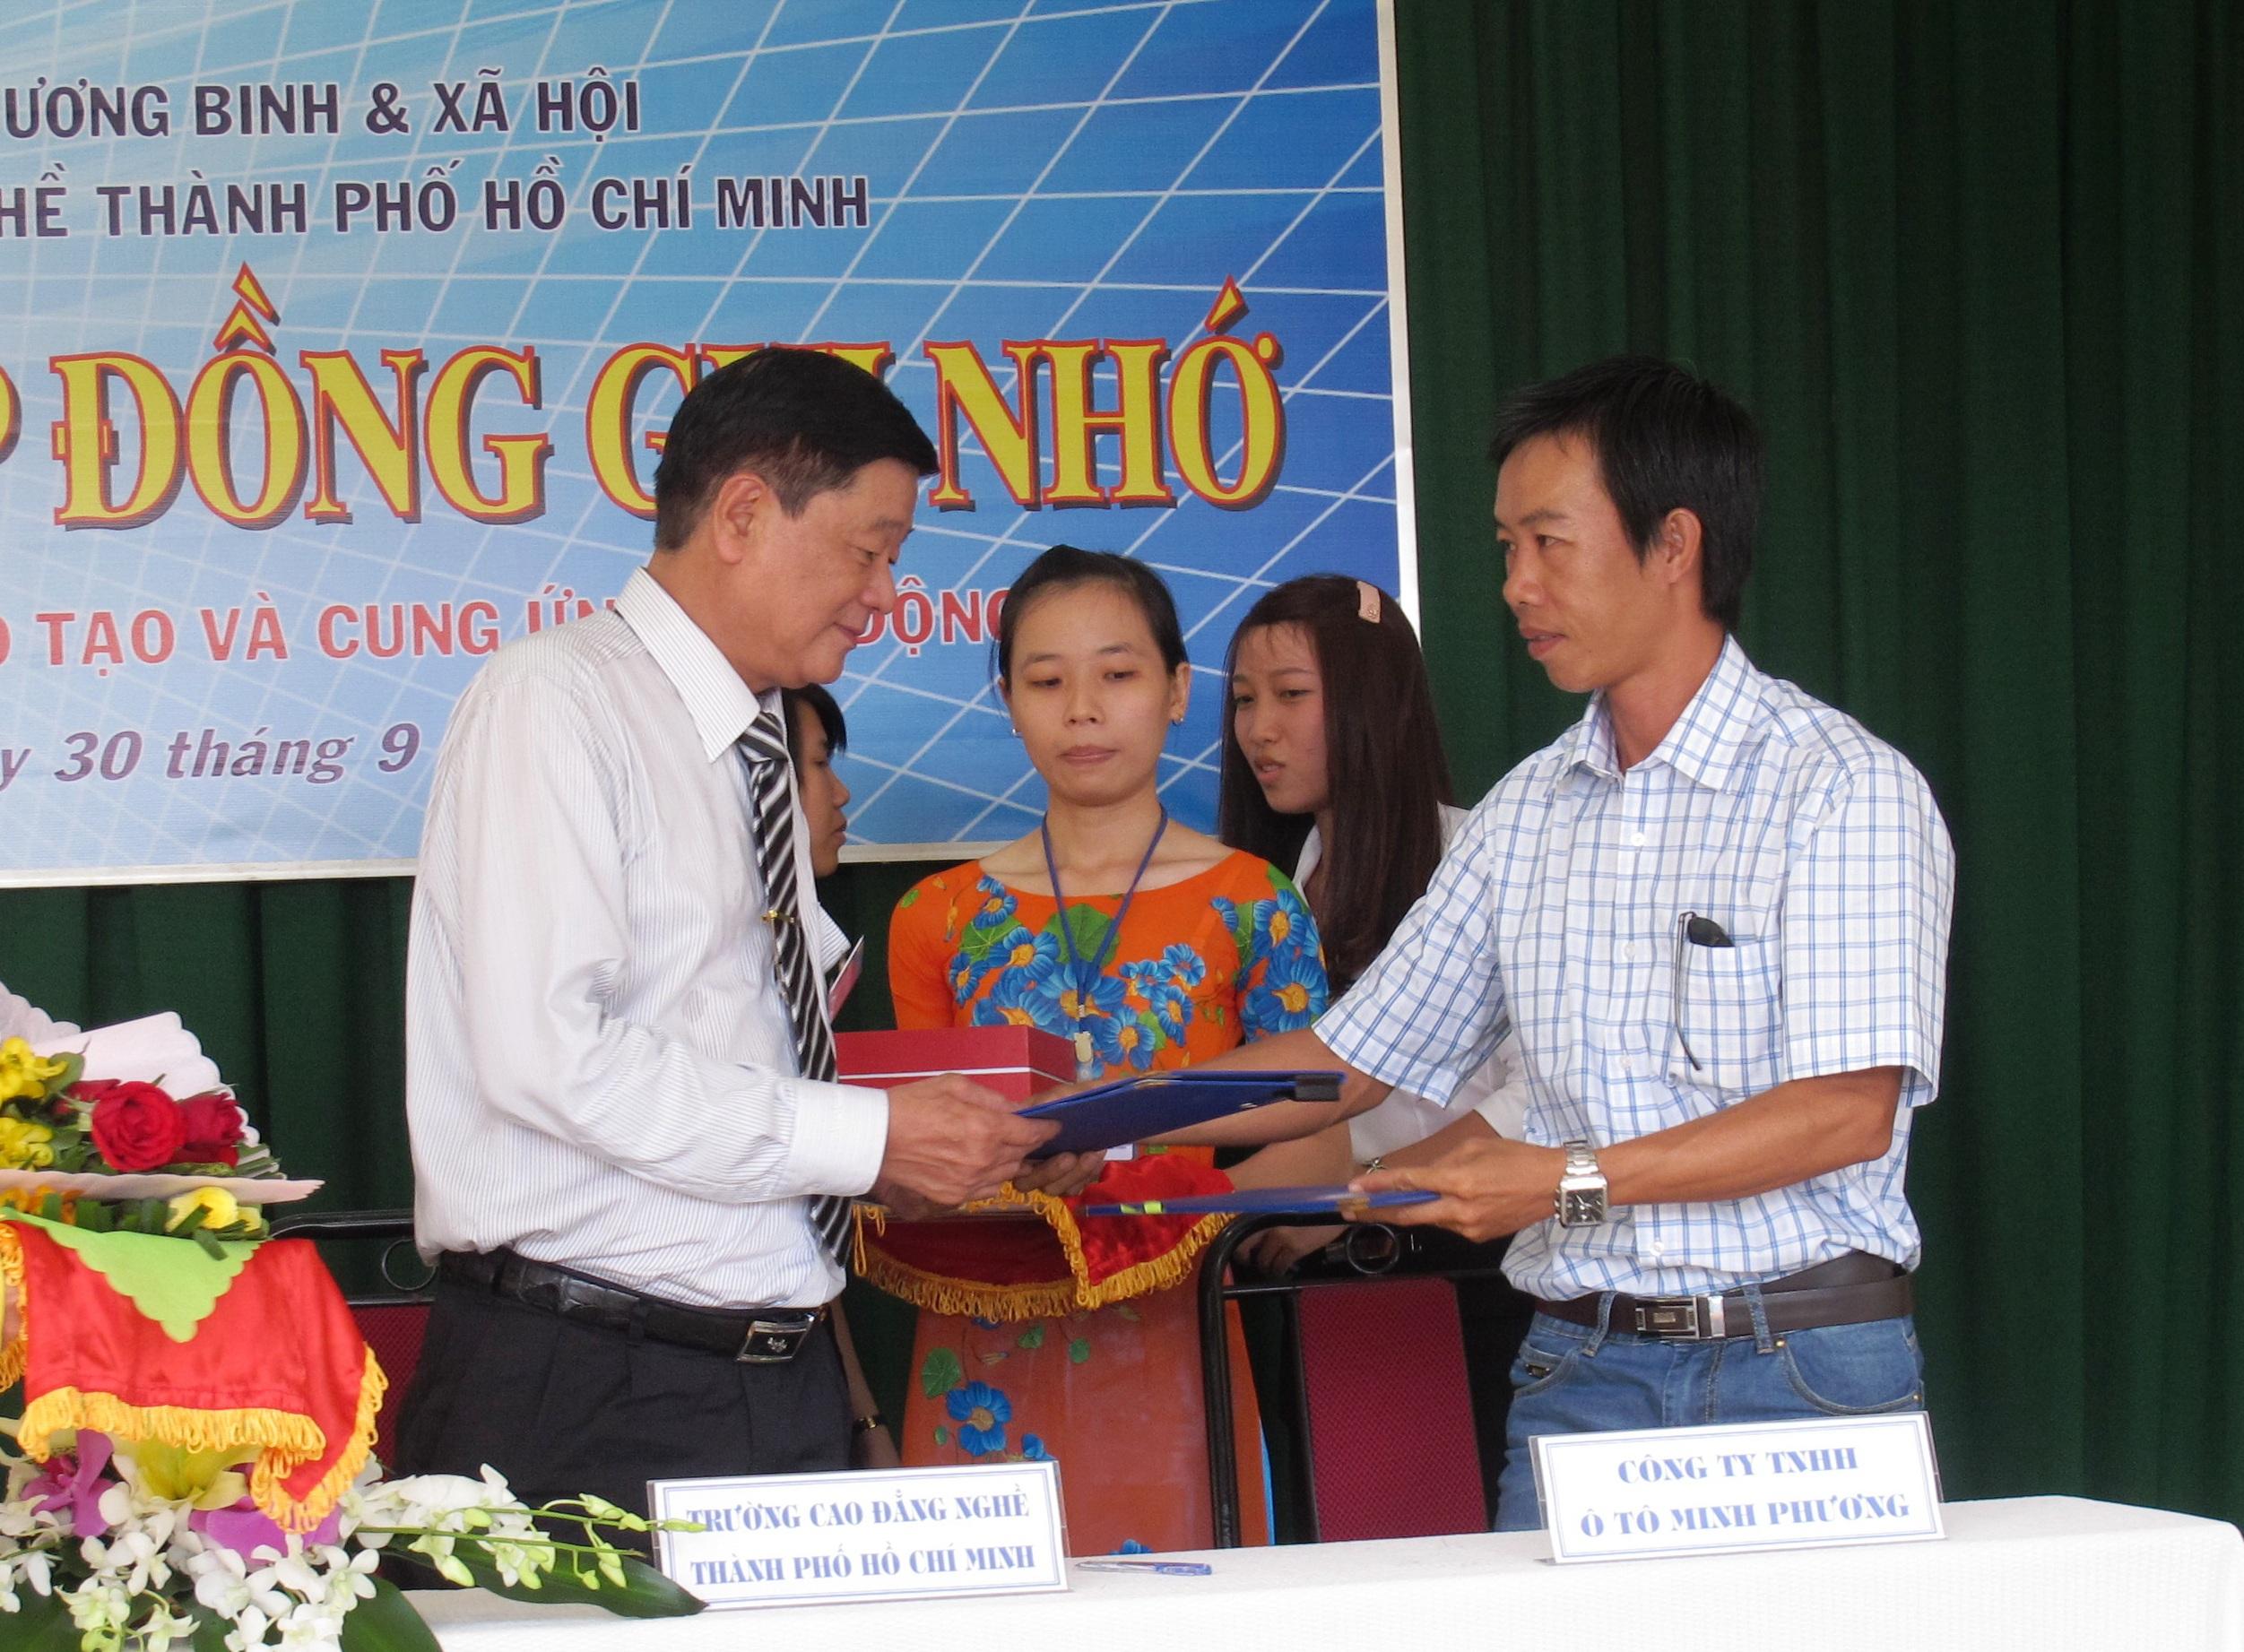 Ông Lê Quốc Bình, Hiệu trưởng Trường CĐ Nghề TP HCM (trái) ký kết hợp tác với doanh nghiệp